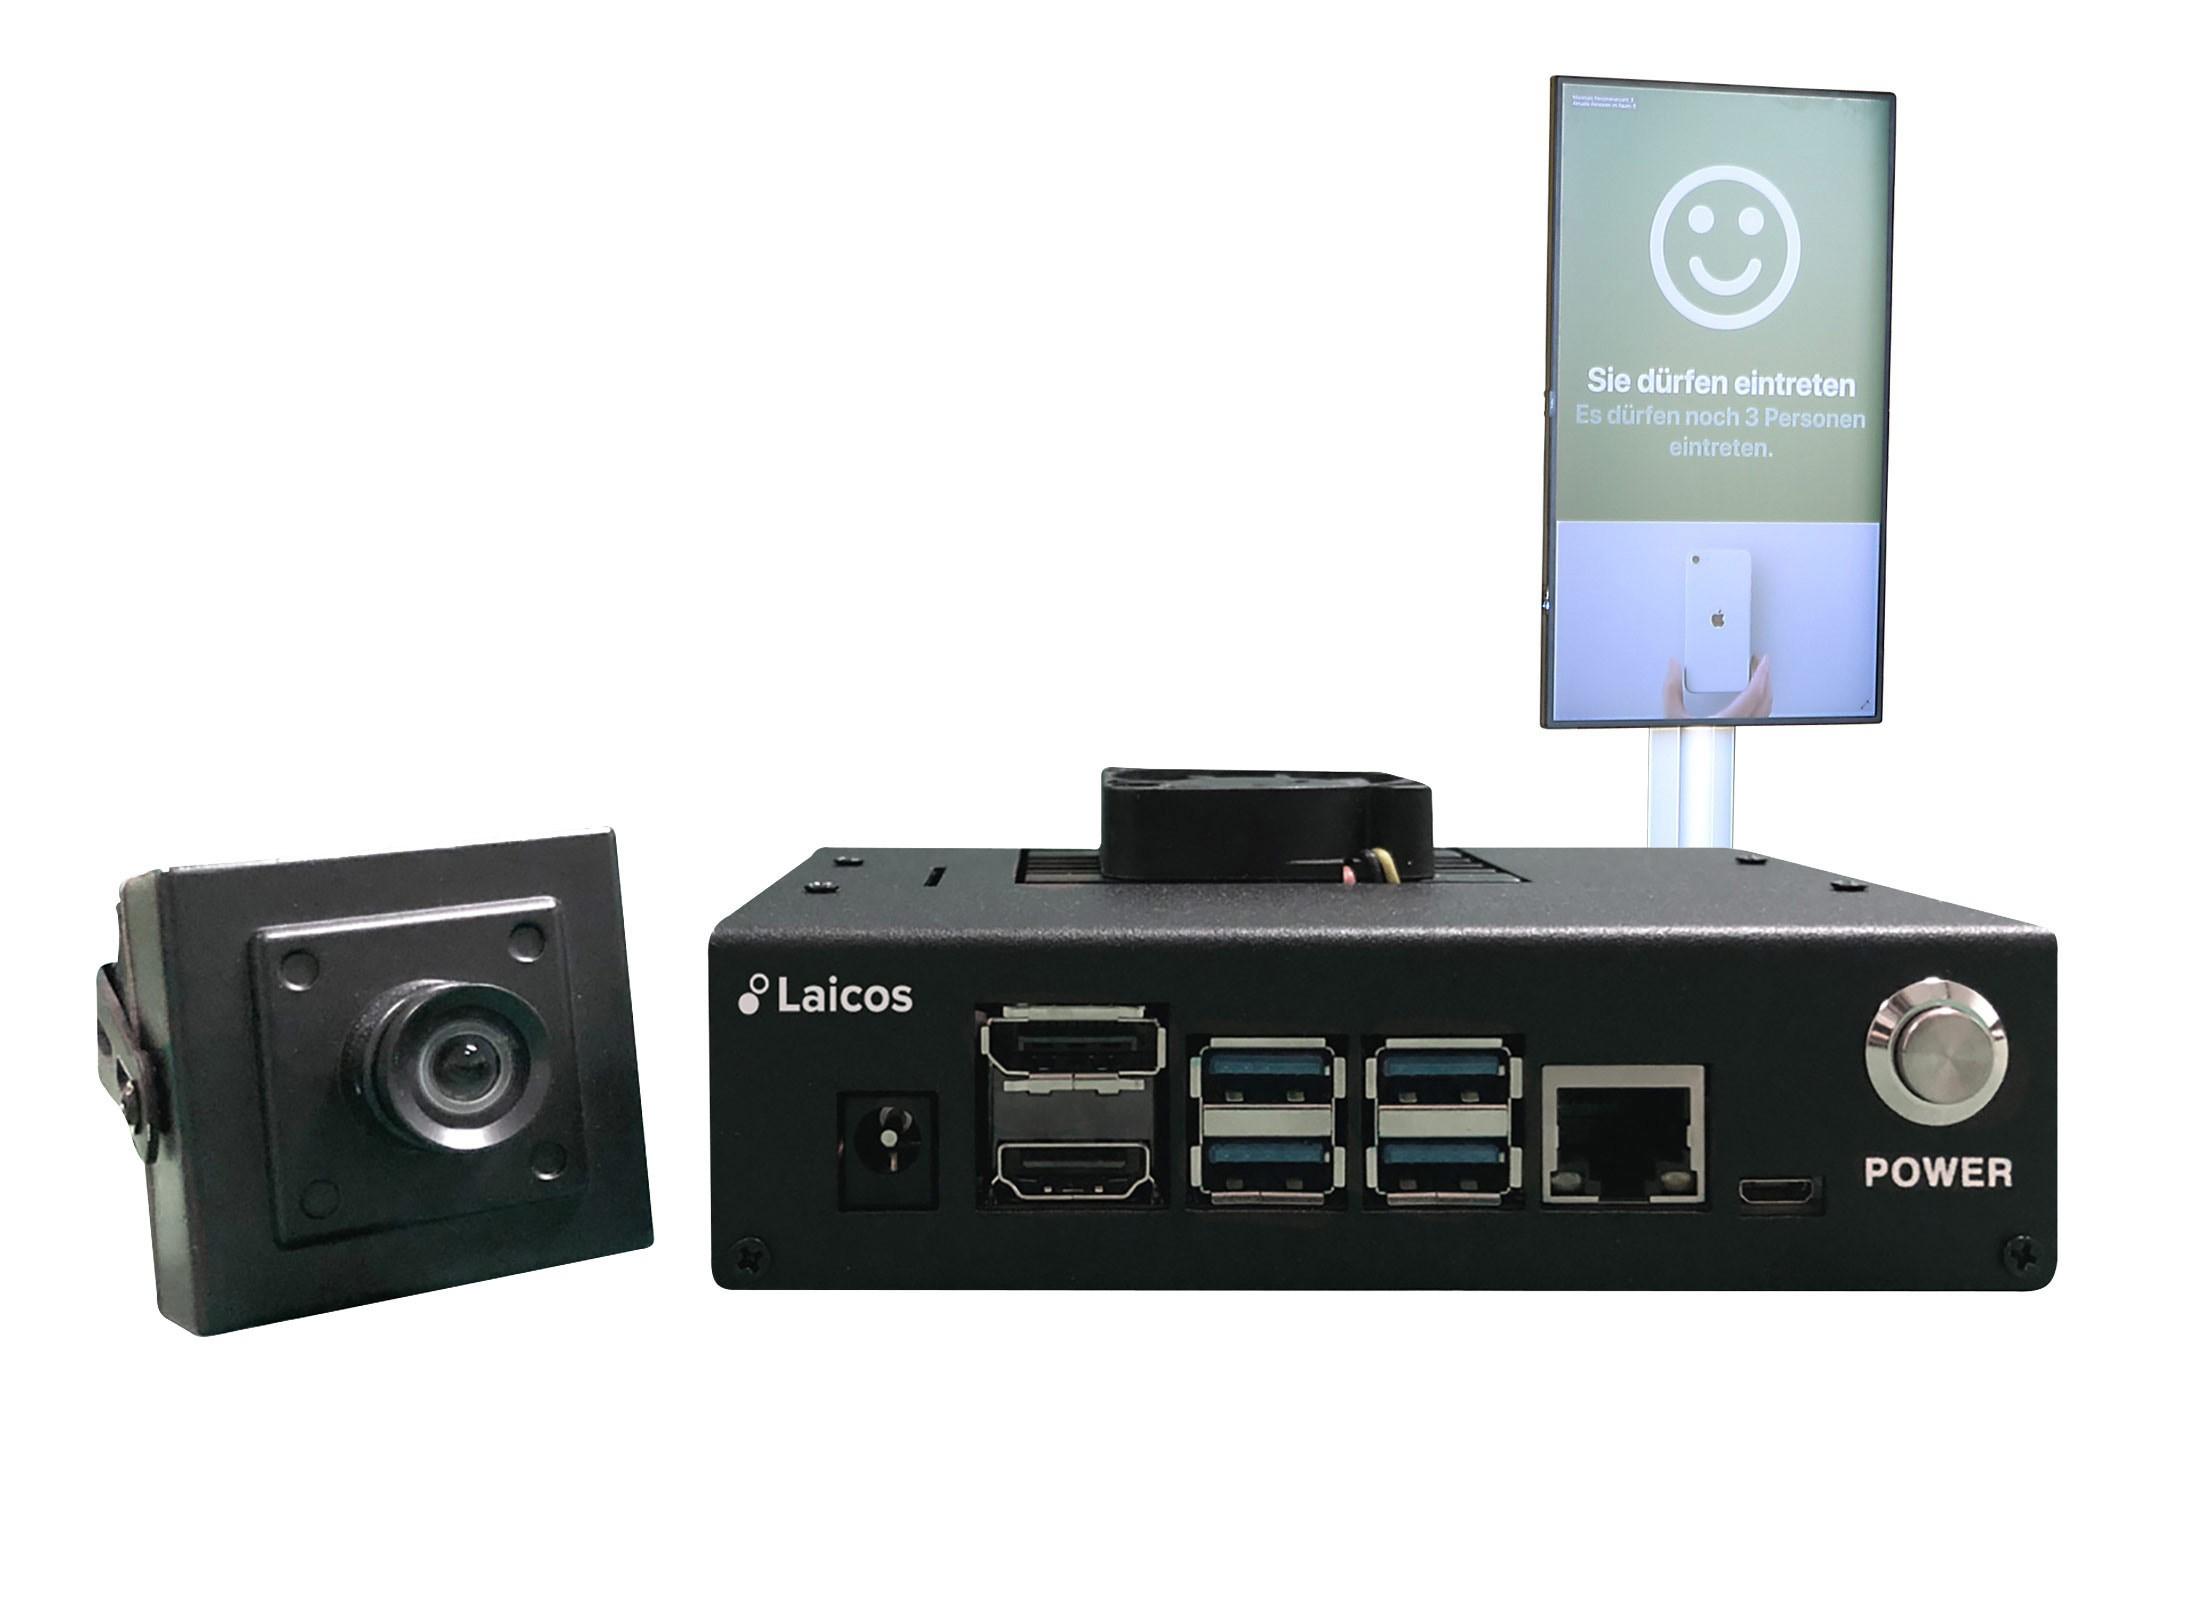 Personenzählsystem von Laicos zur EInlasskontrolle - Laicos Customer.Count Ampelsystem Analyse Besucherströme